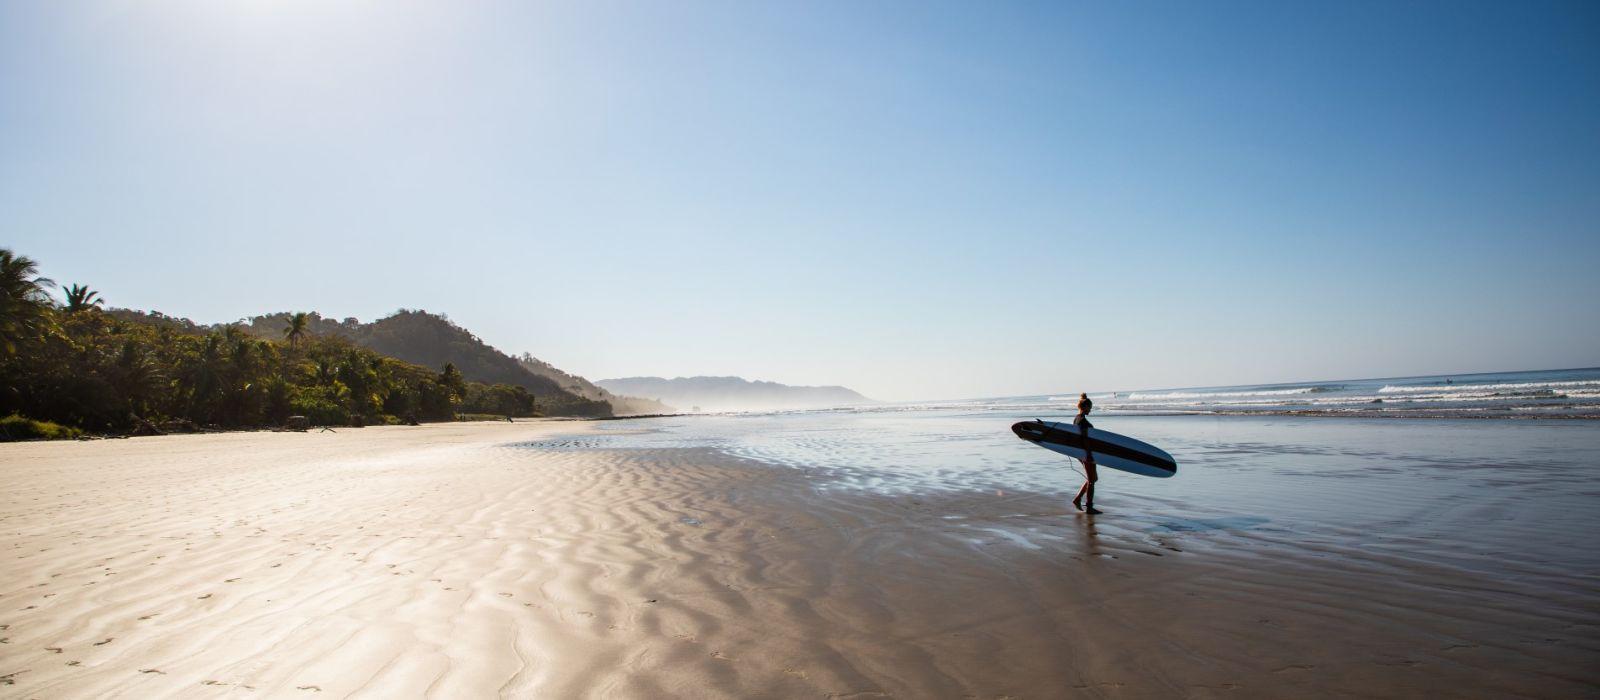 Destination North Pacific Coast Costa Rica